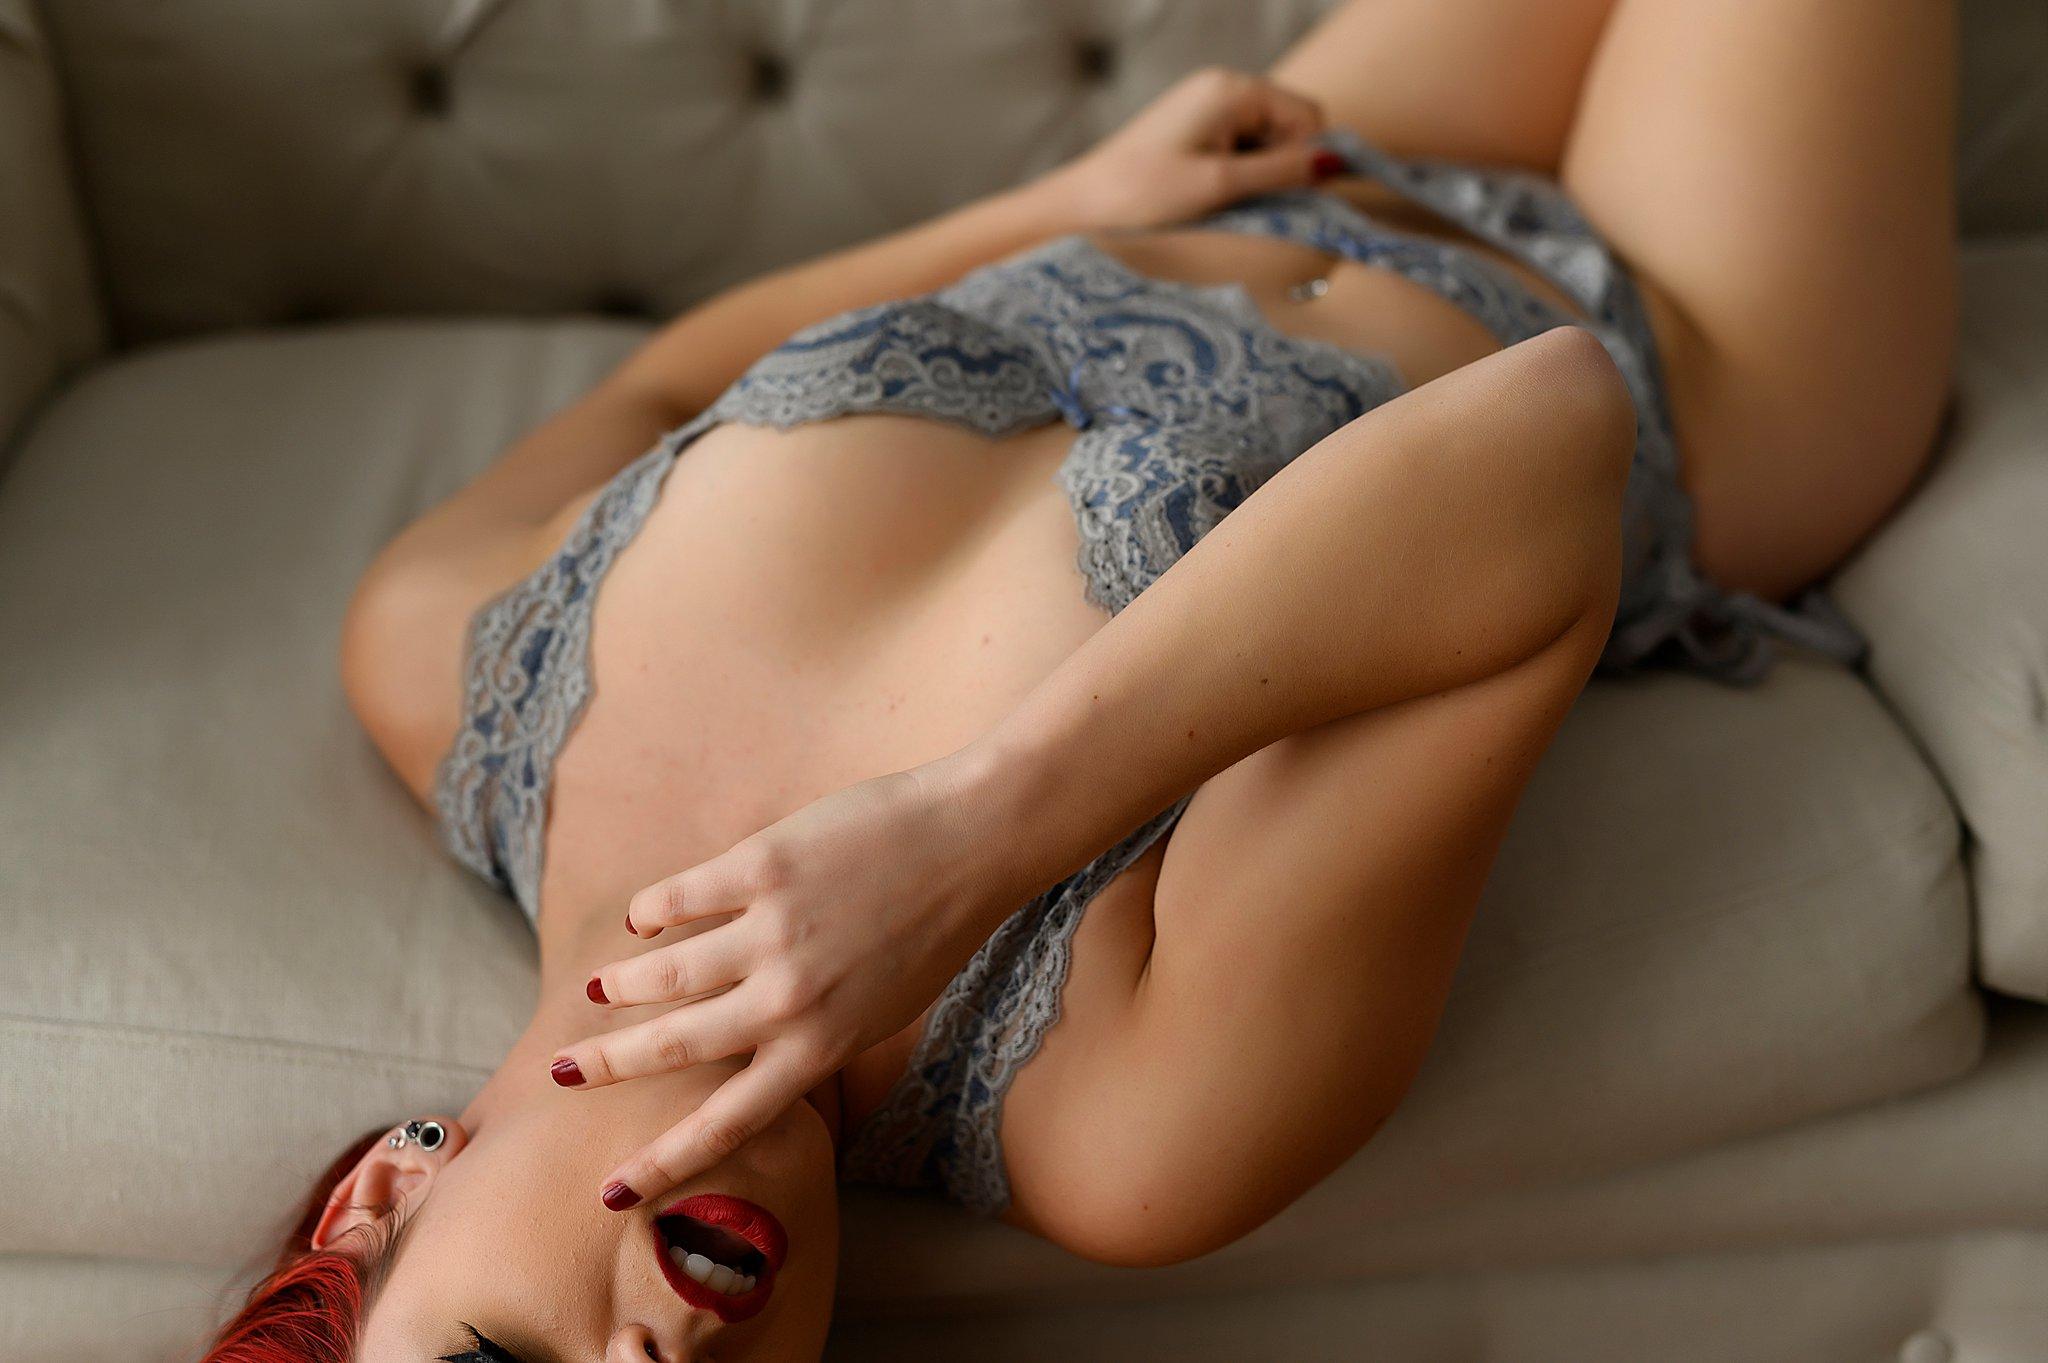 Sydney Boudoir glamour lingerie photo (3).jpg